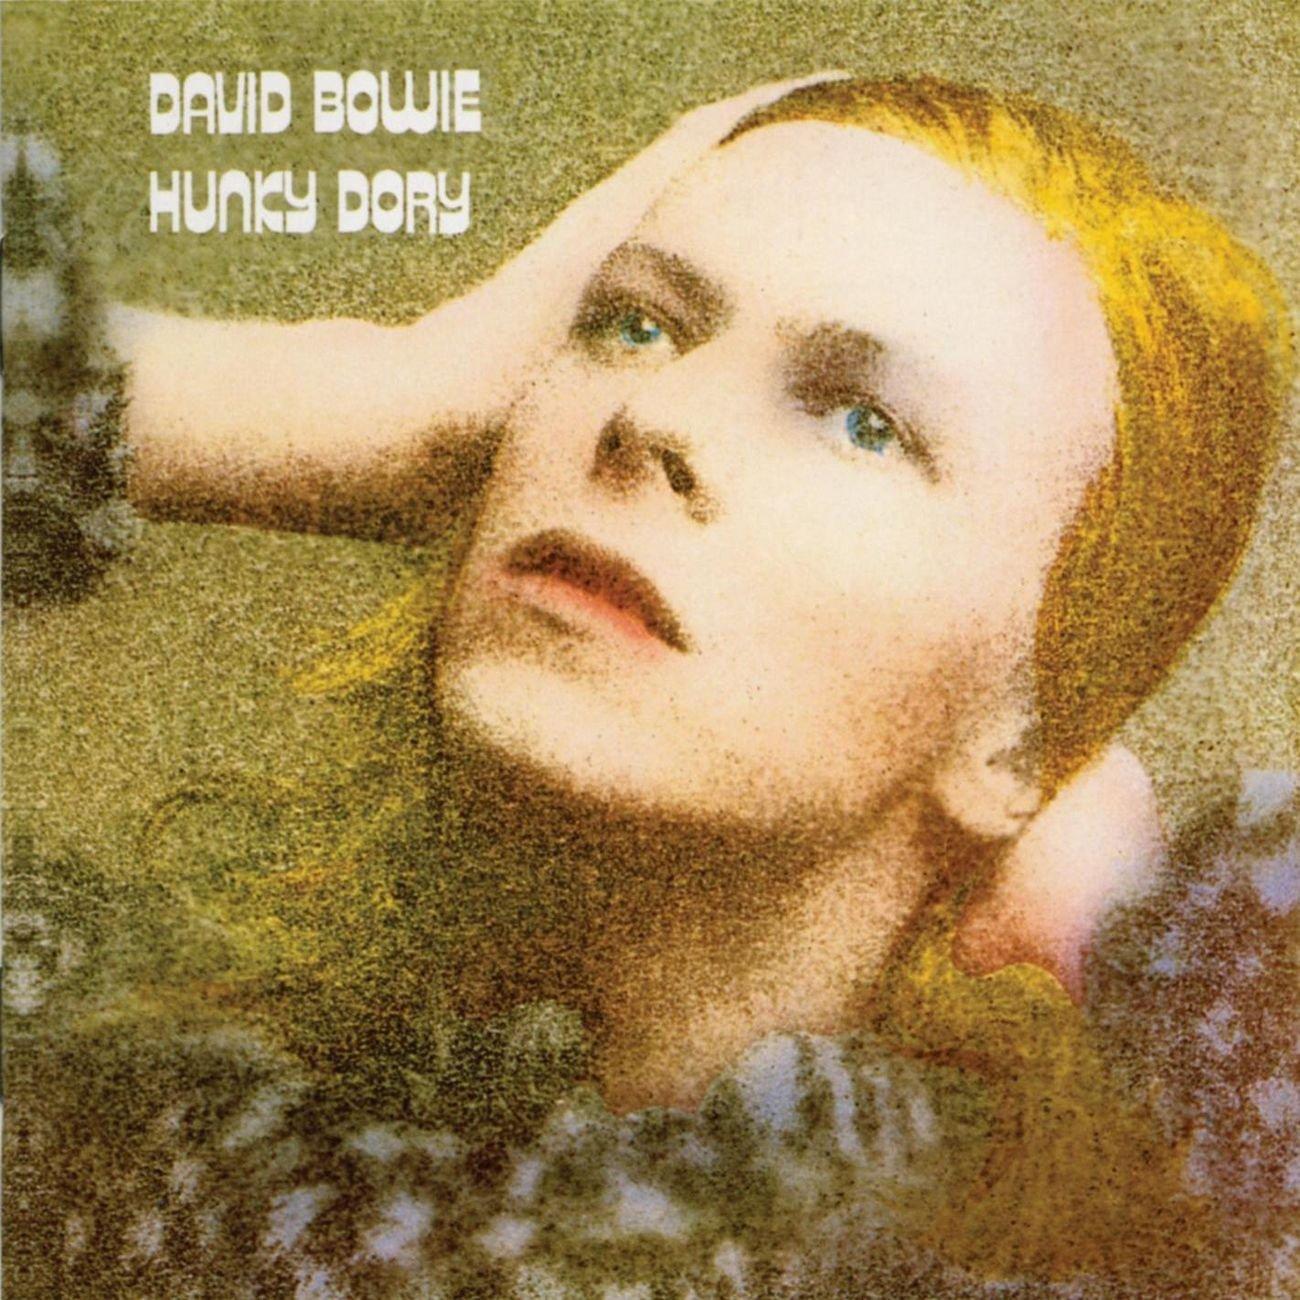 Hunky Dory (1971): Instantaneamente, o álbum foi aclamado pela crítica como um dos melhores trabalhos de Bowie - a revista Time o incluiu na lista dos cem melhores discos de todos os tempos